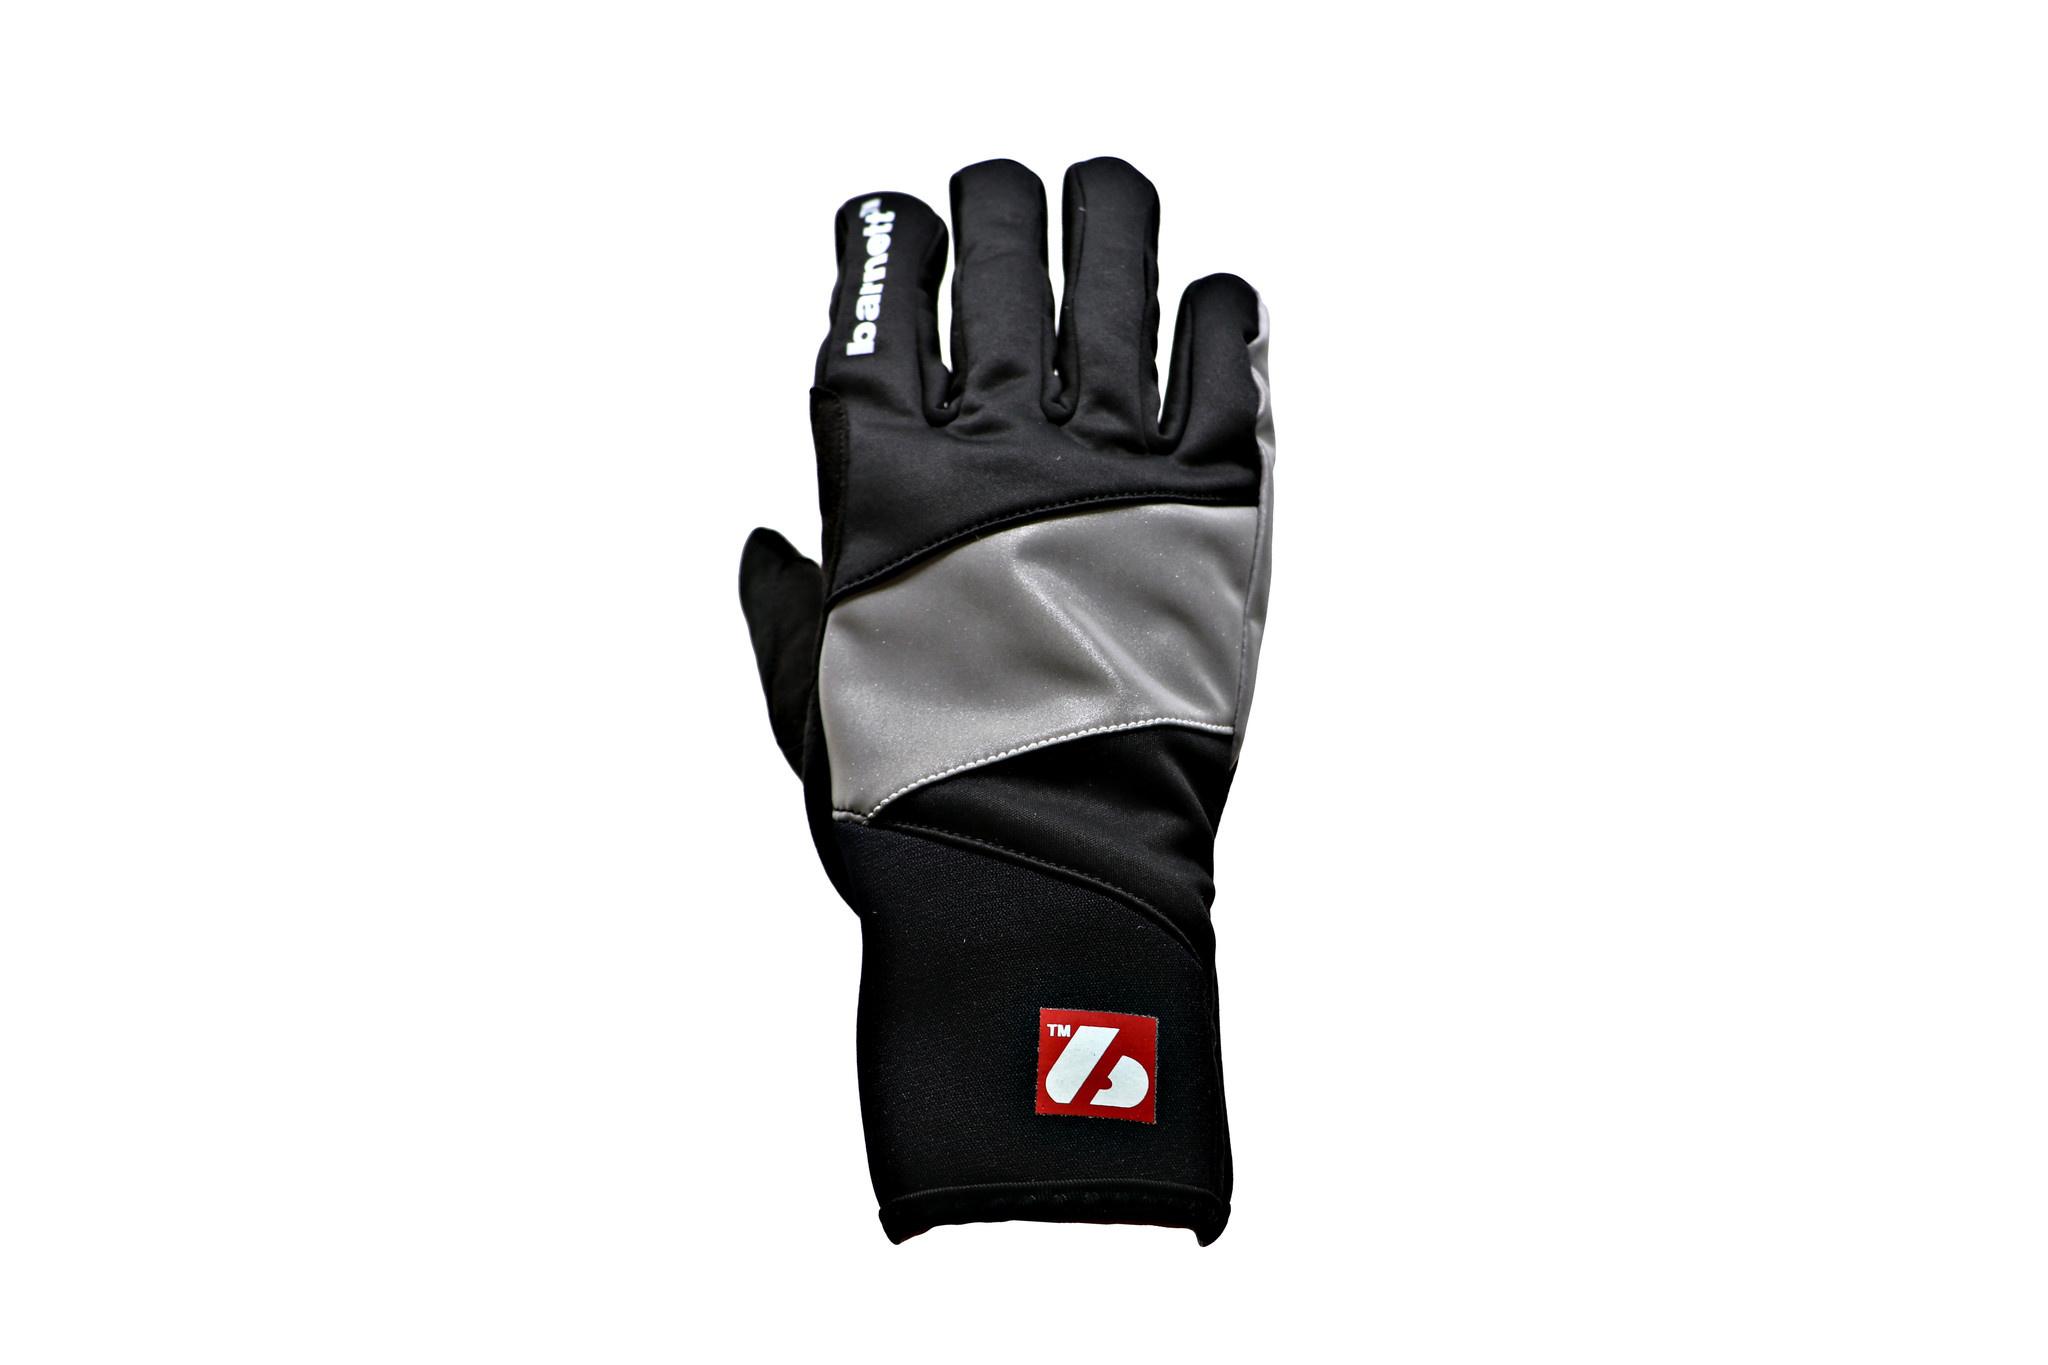 barnett NBG-16 xc elite rukavice pro běžecké lyžování -20°C